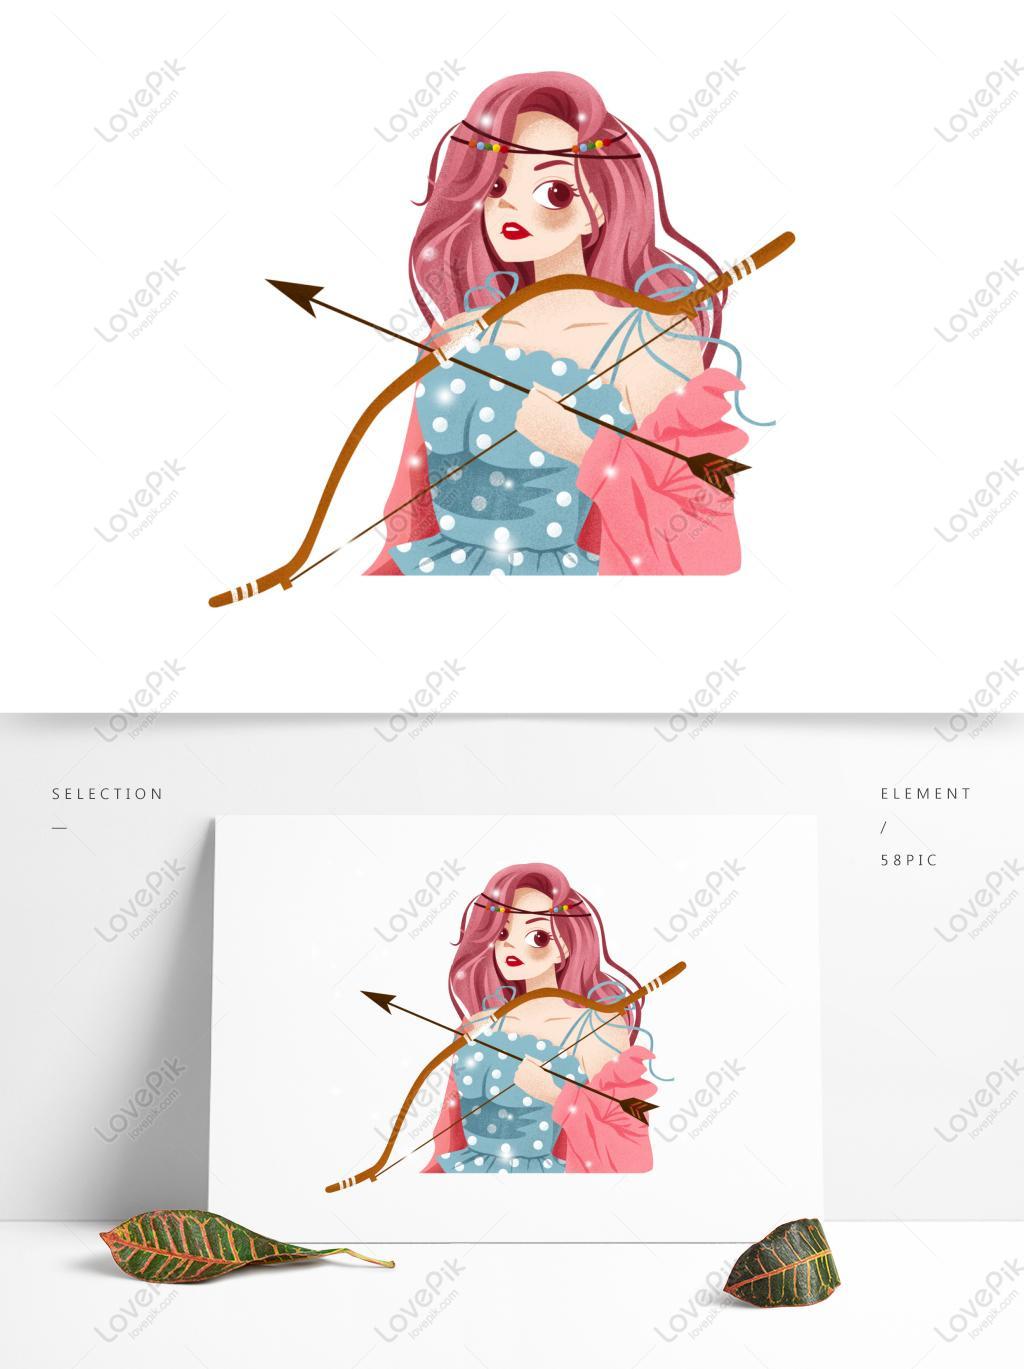 性感霸氣射手座女孩可商用元素PSD美工圖案免費下載-素材分辨率1369 × 1024px - Lovepik ID732422739